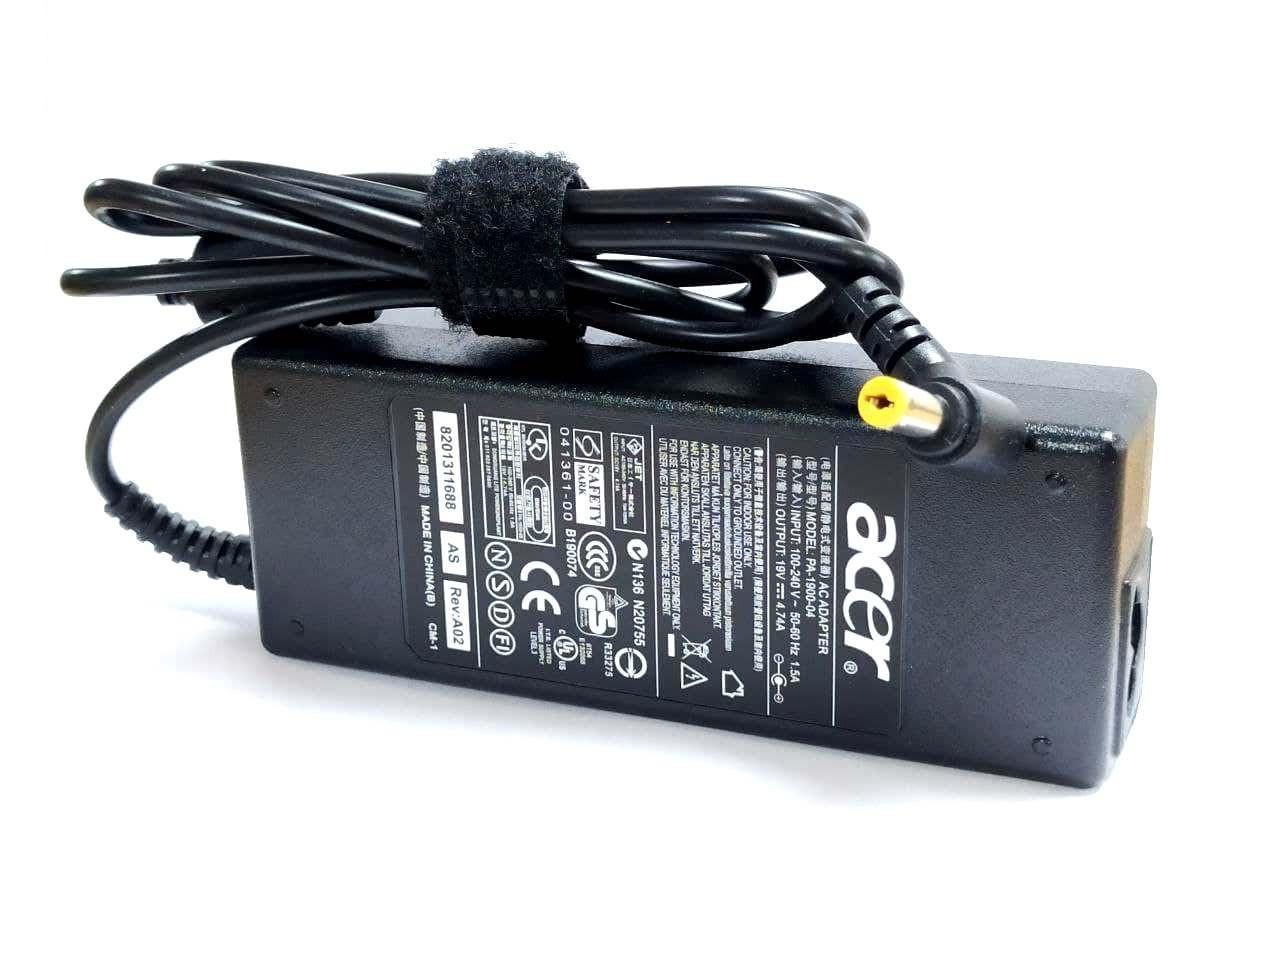 Блок питания для ноутбука Acer Aspire 5710 19V 4.74A 90W